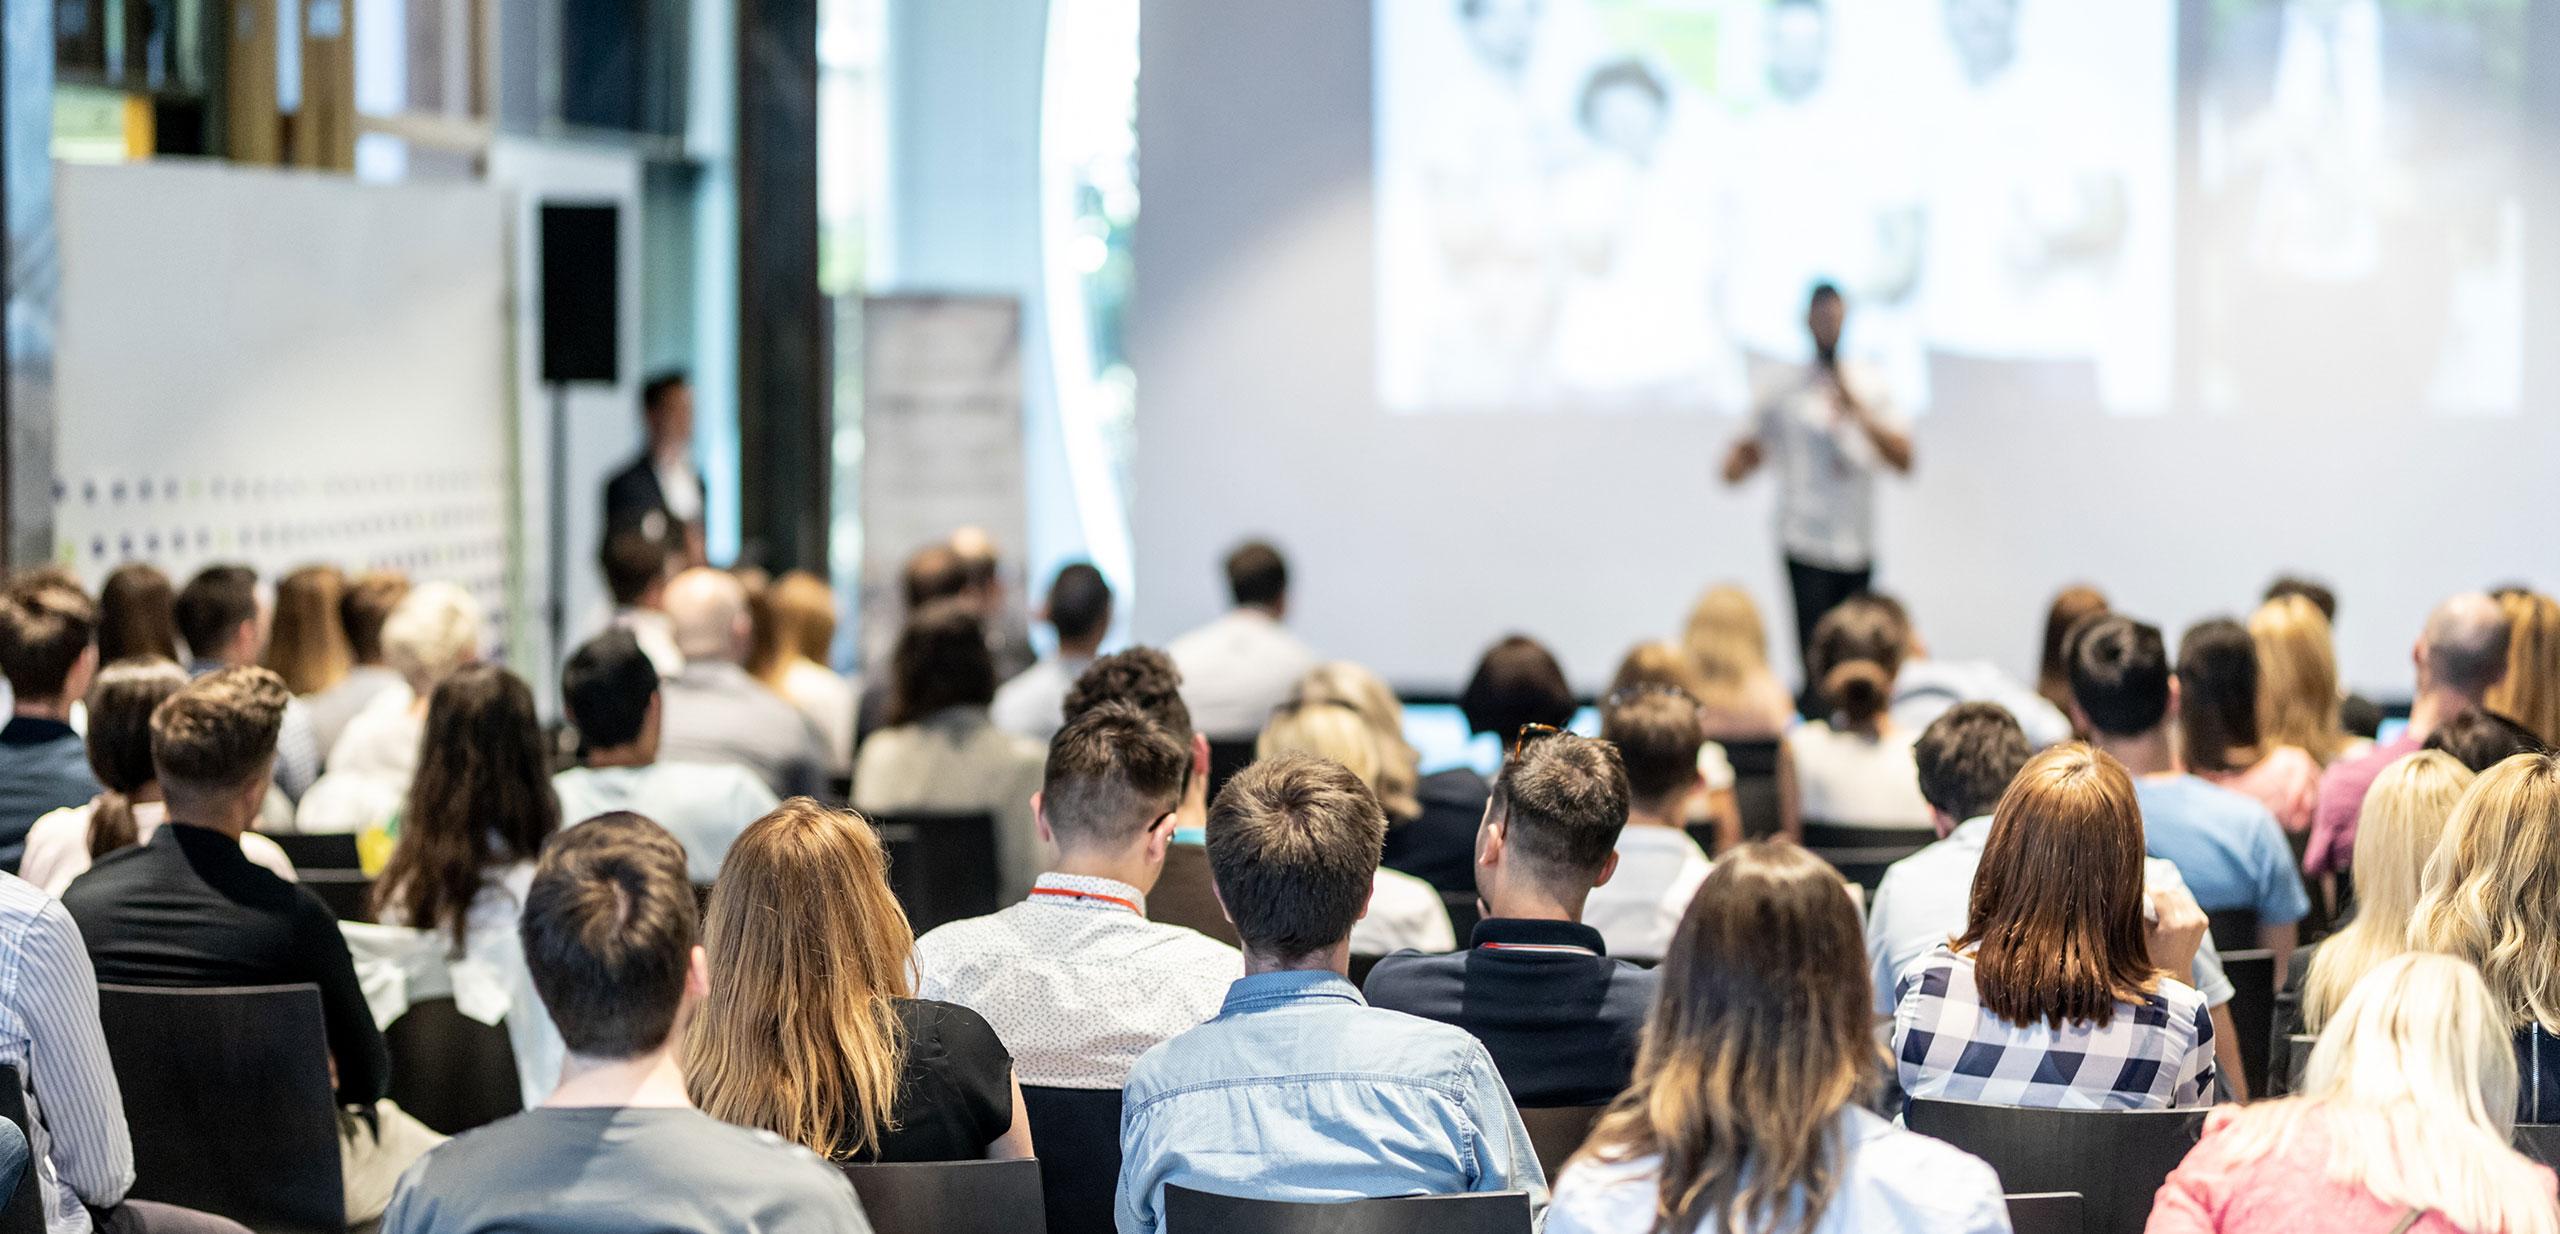 Entwicklung am Ausbildungsmarkt trotz Pandemie im Odenwaldkreis konstant